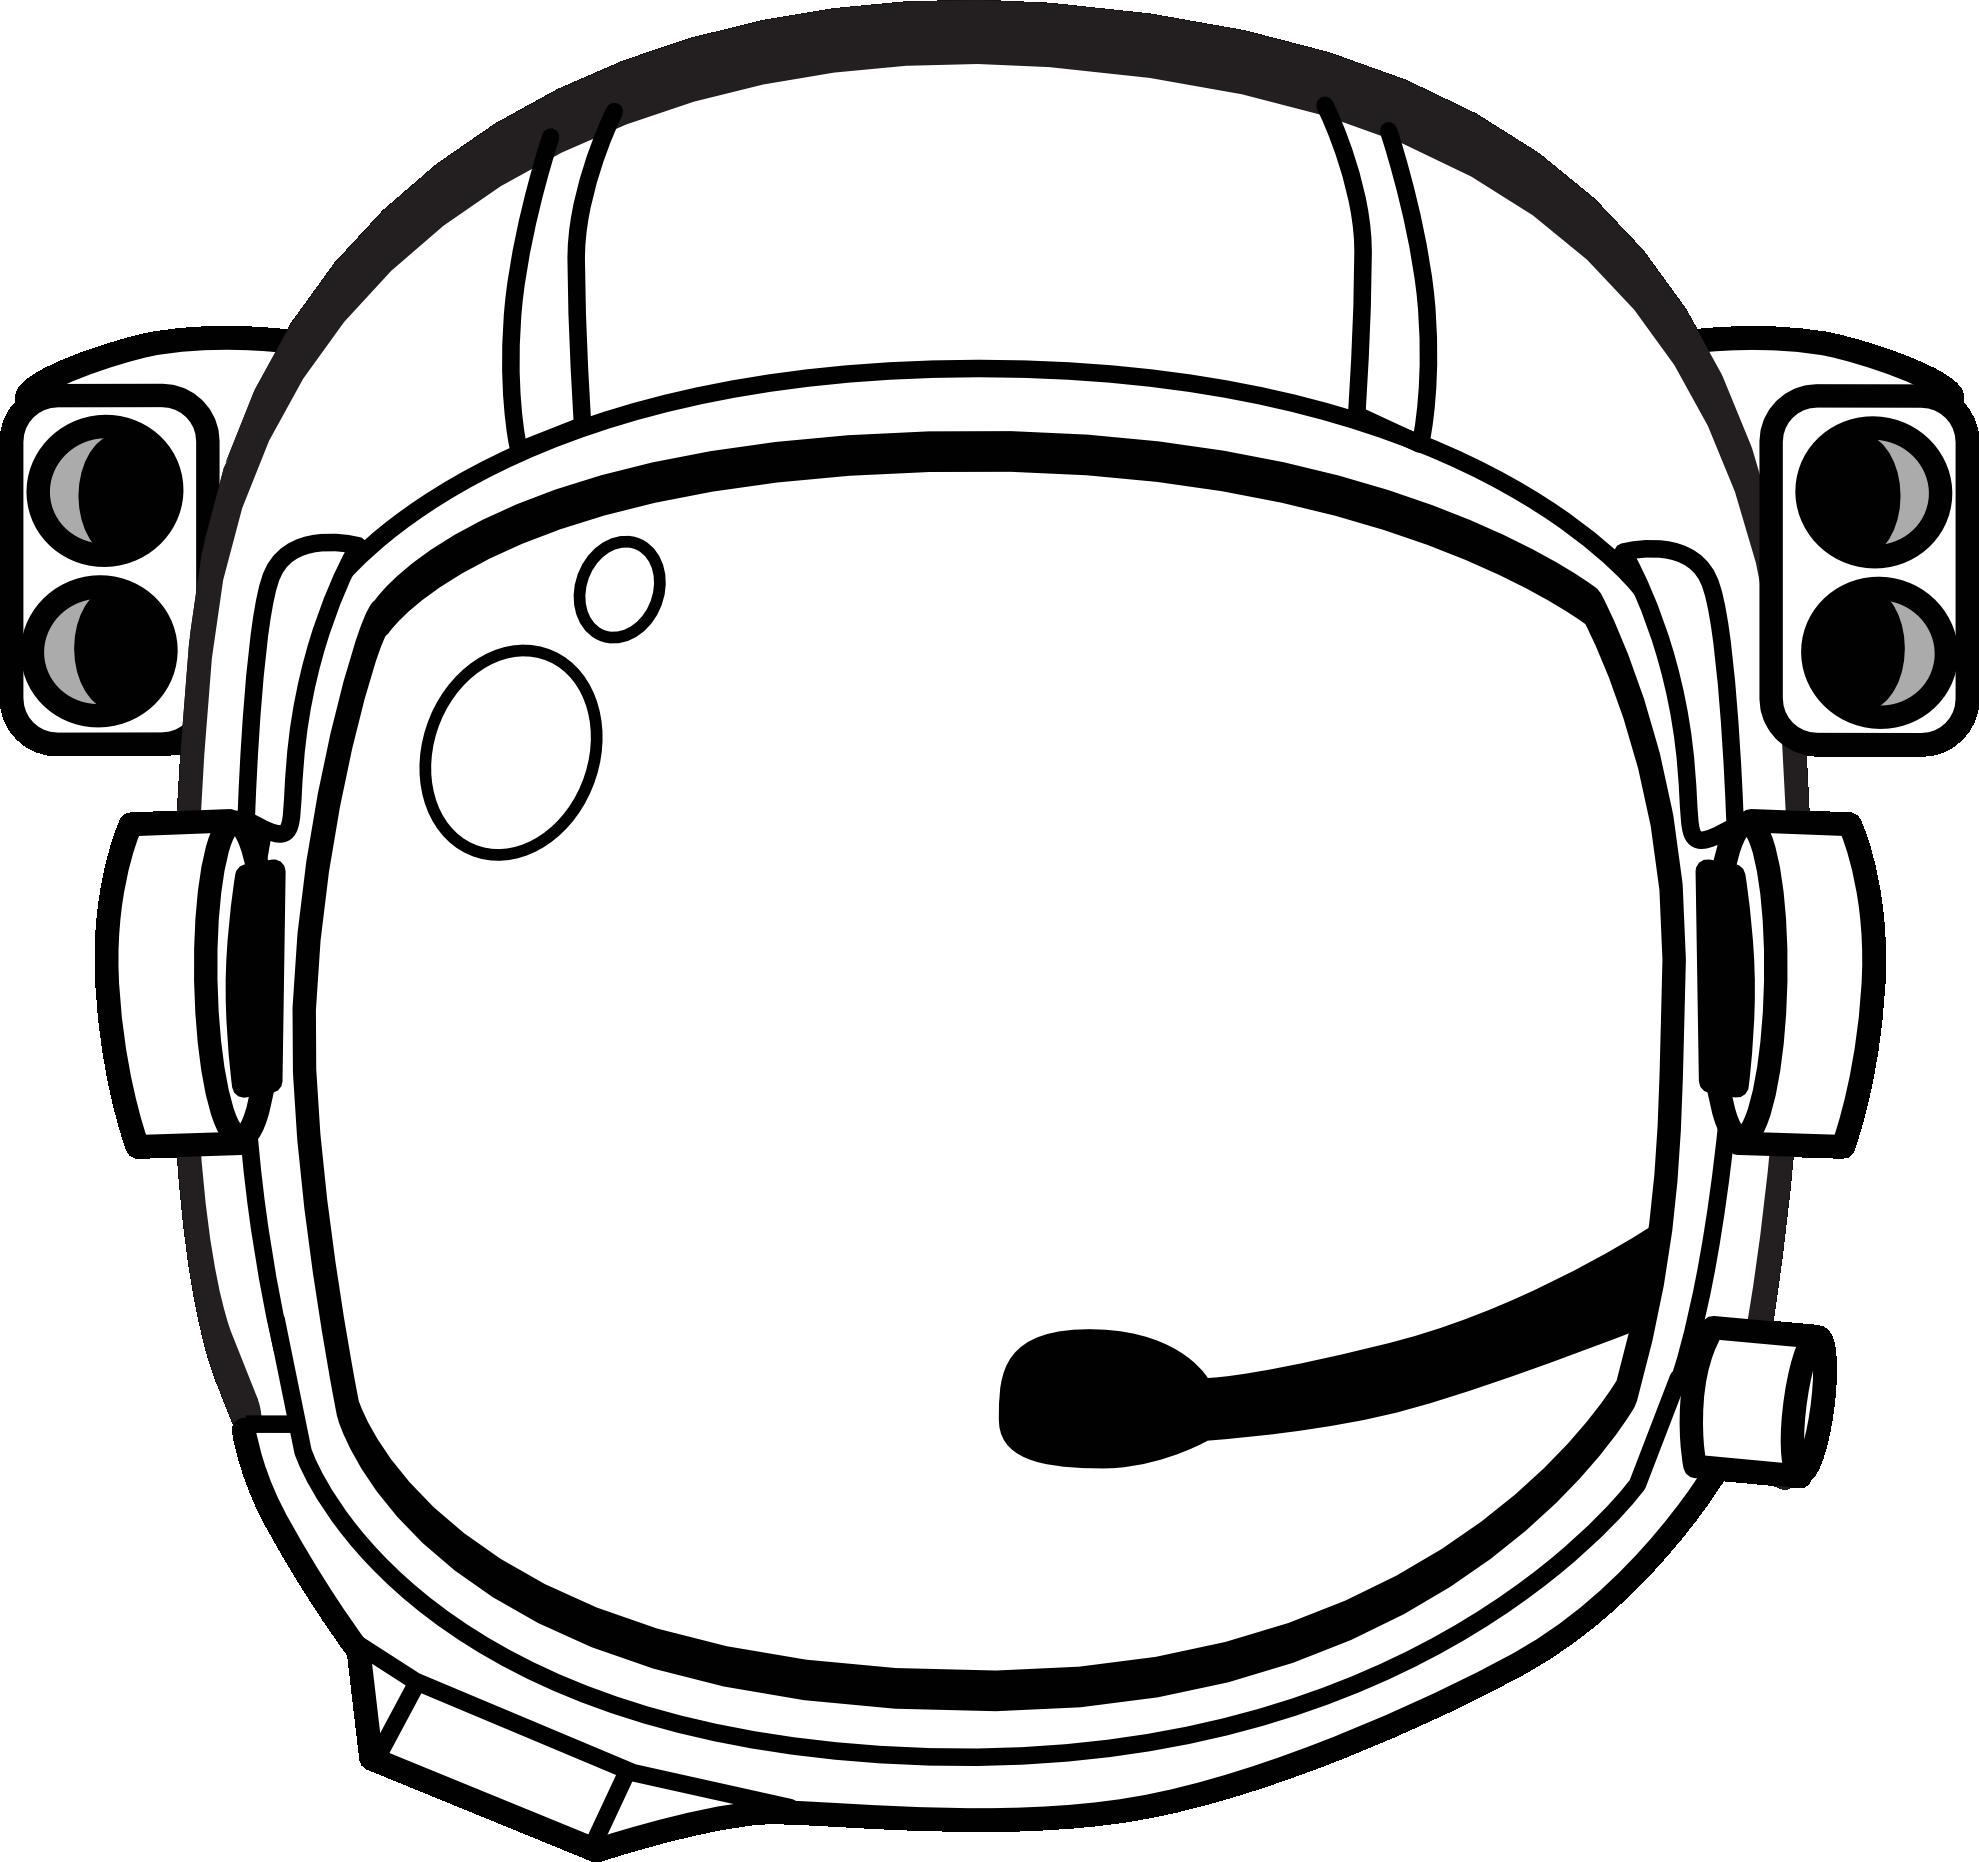 Football helmet black and white clipart banner transparent Football Helmet Clipart Black And White | Clipart Panda - Free ... banner transparent